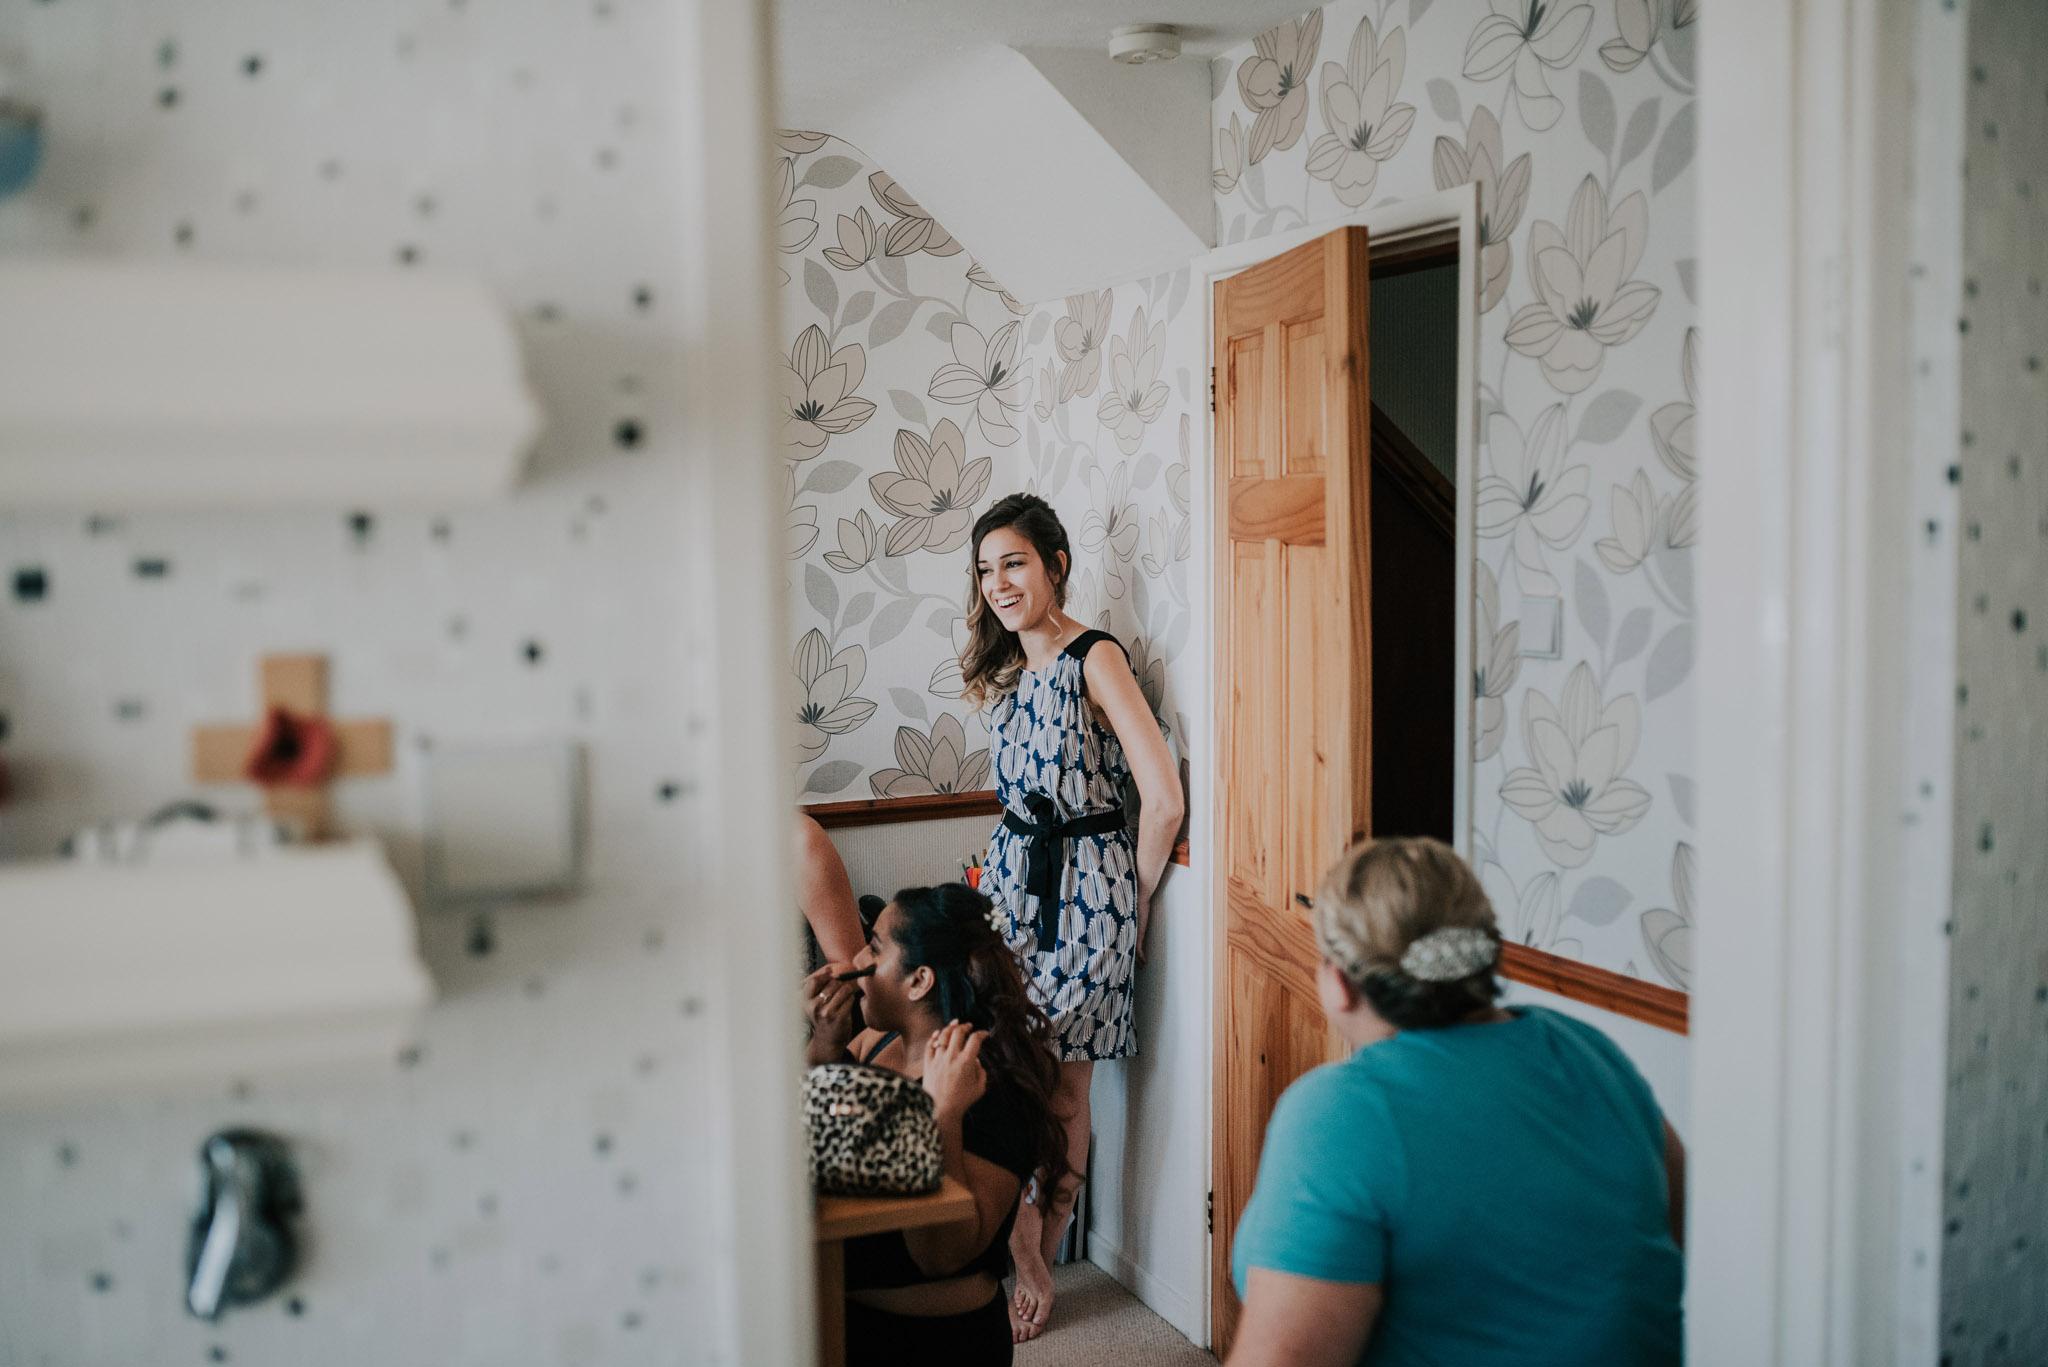 scott-stockwell-wedding-photographer-wood-norton-evesham020.jpg